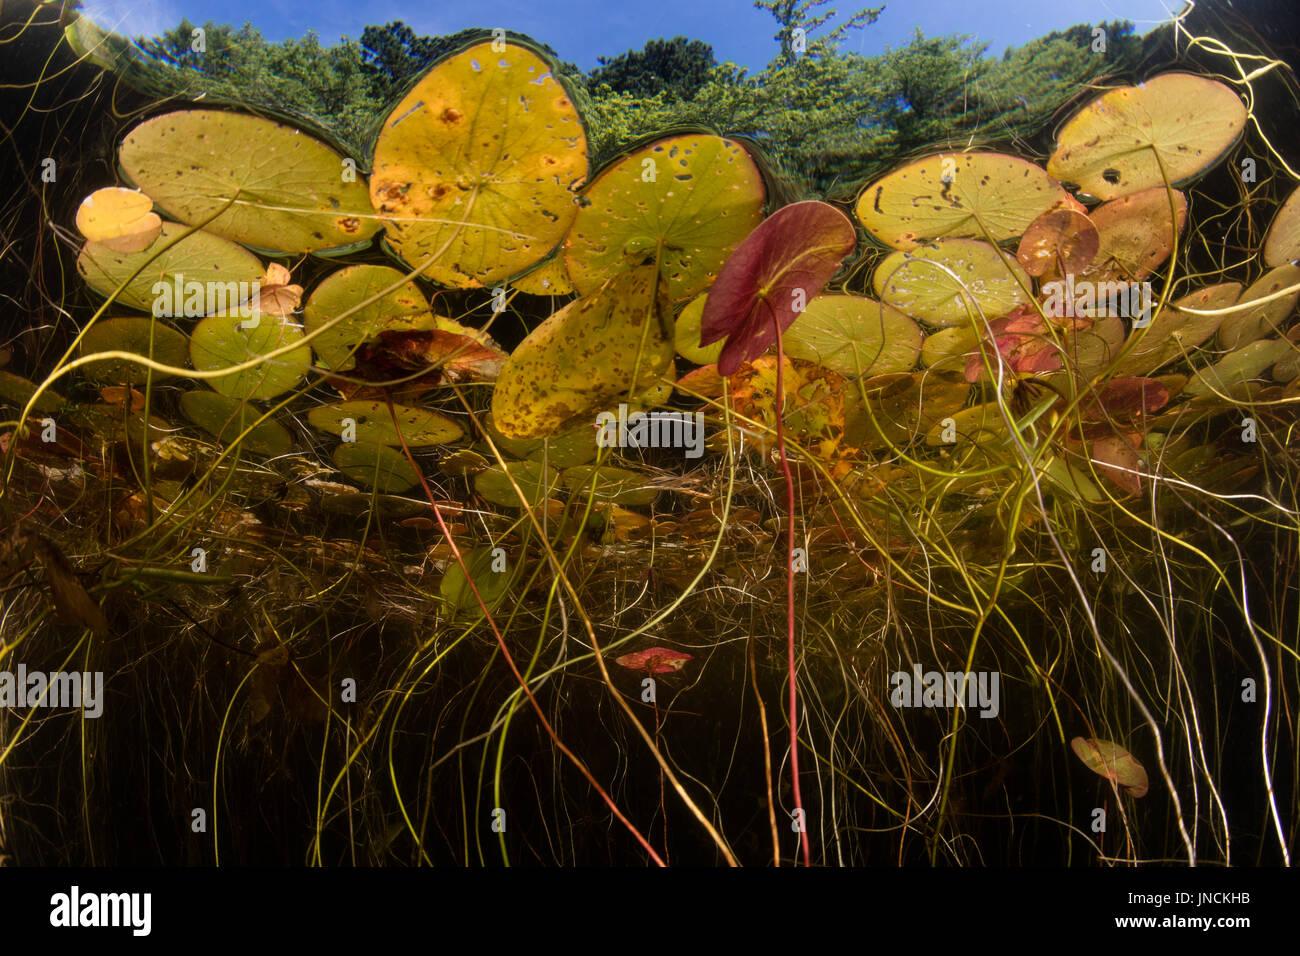 Ninfee crescono a bordo di un laghetto di acqua dolce su Cape Cod, Massachusetts. Questa bella Nuova Inghilterra penisola ha molti laghi e stagni bollitore. Immagini Stock